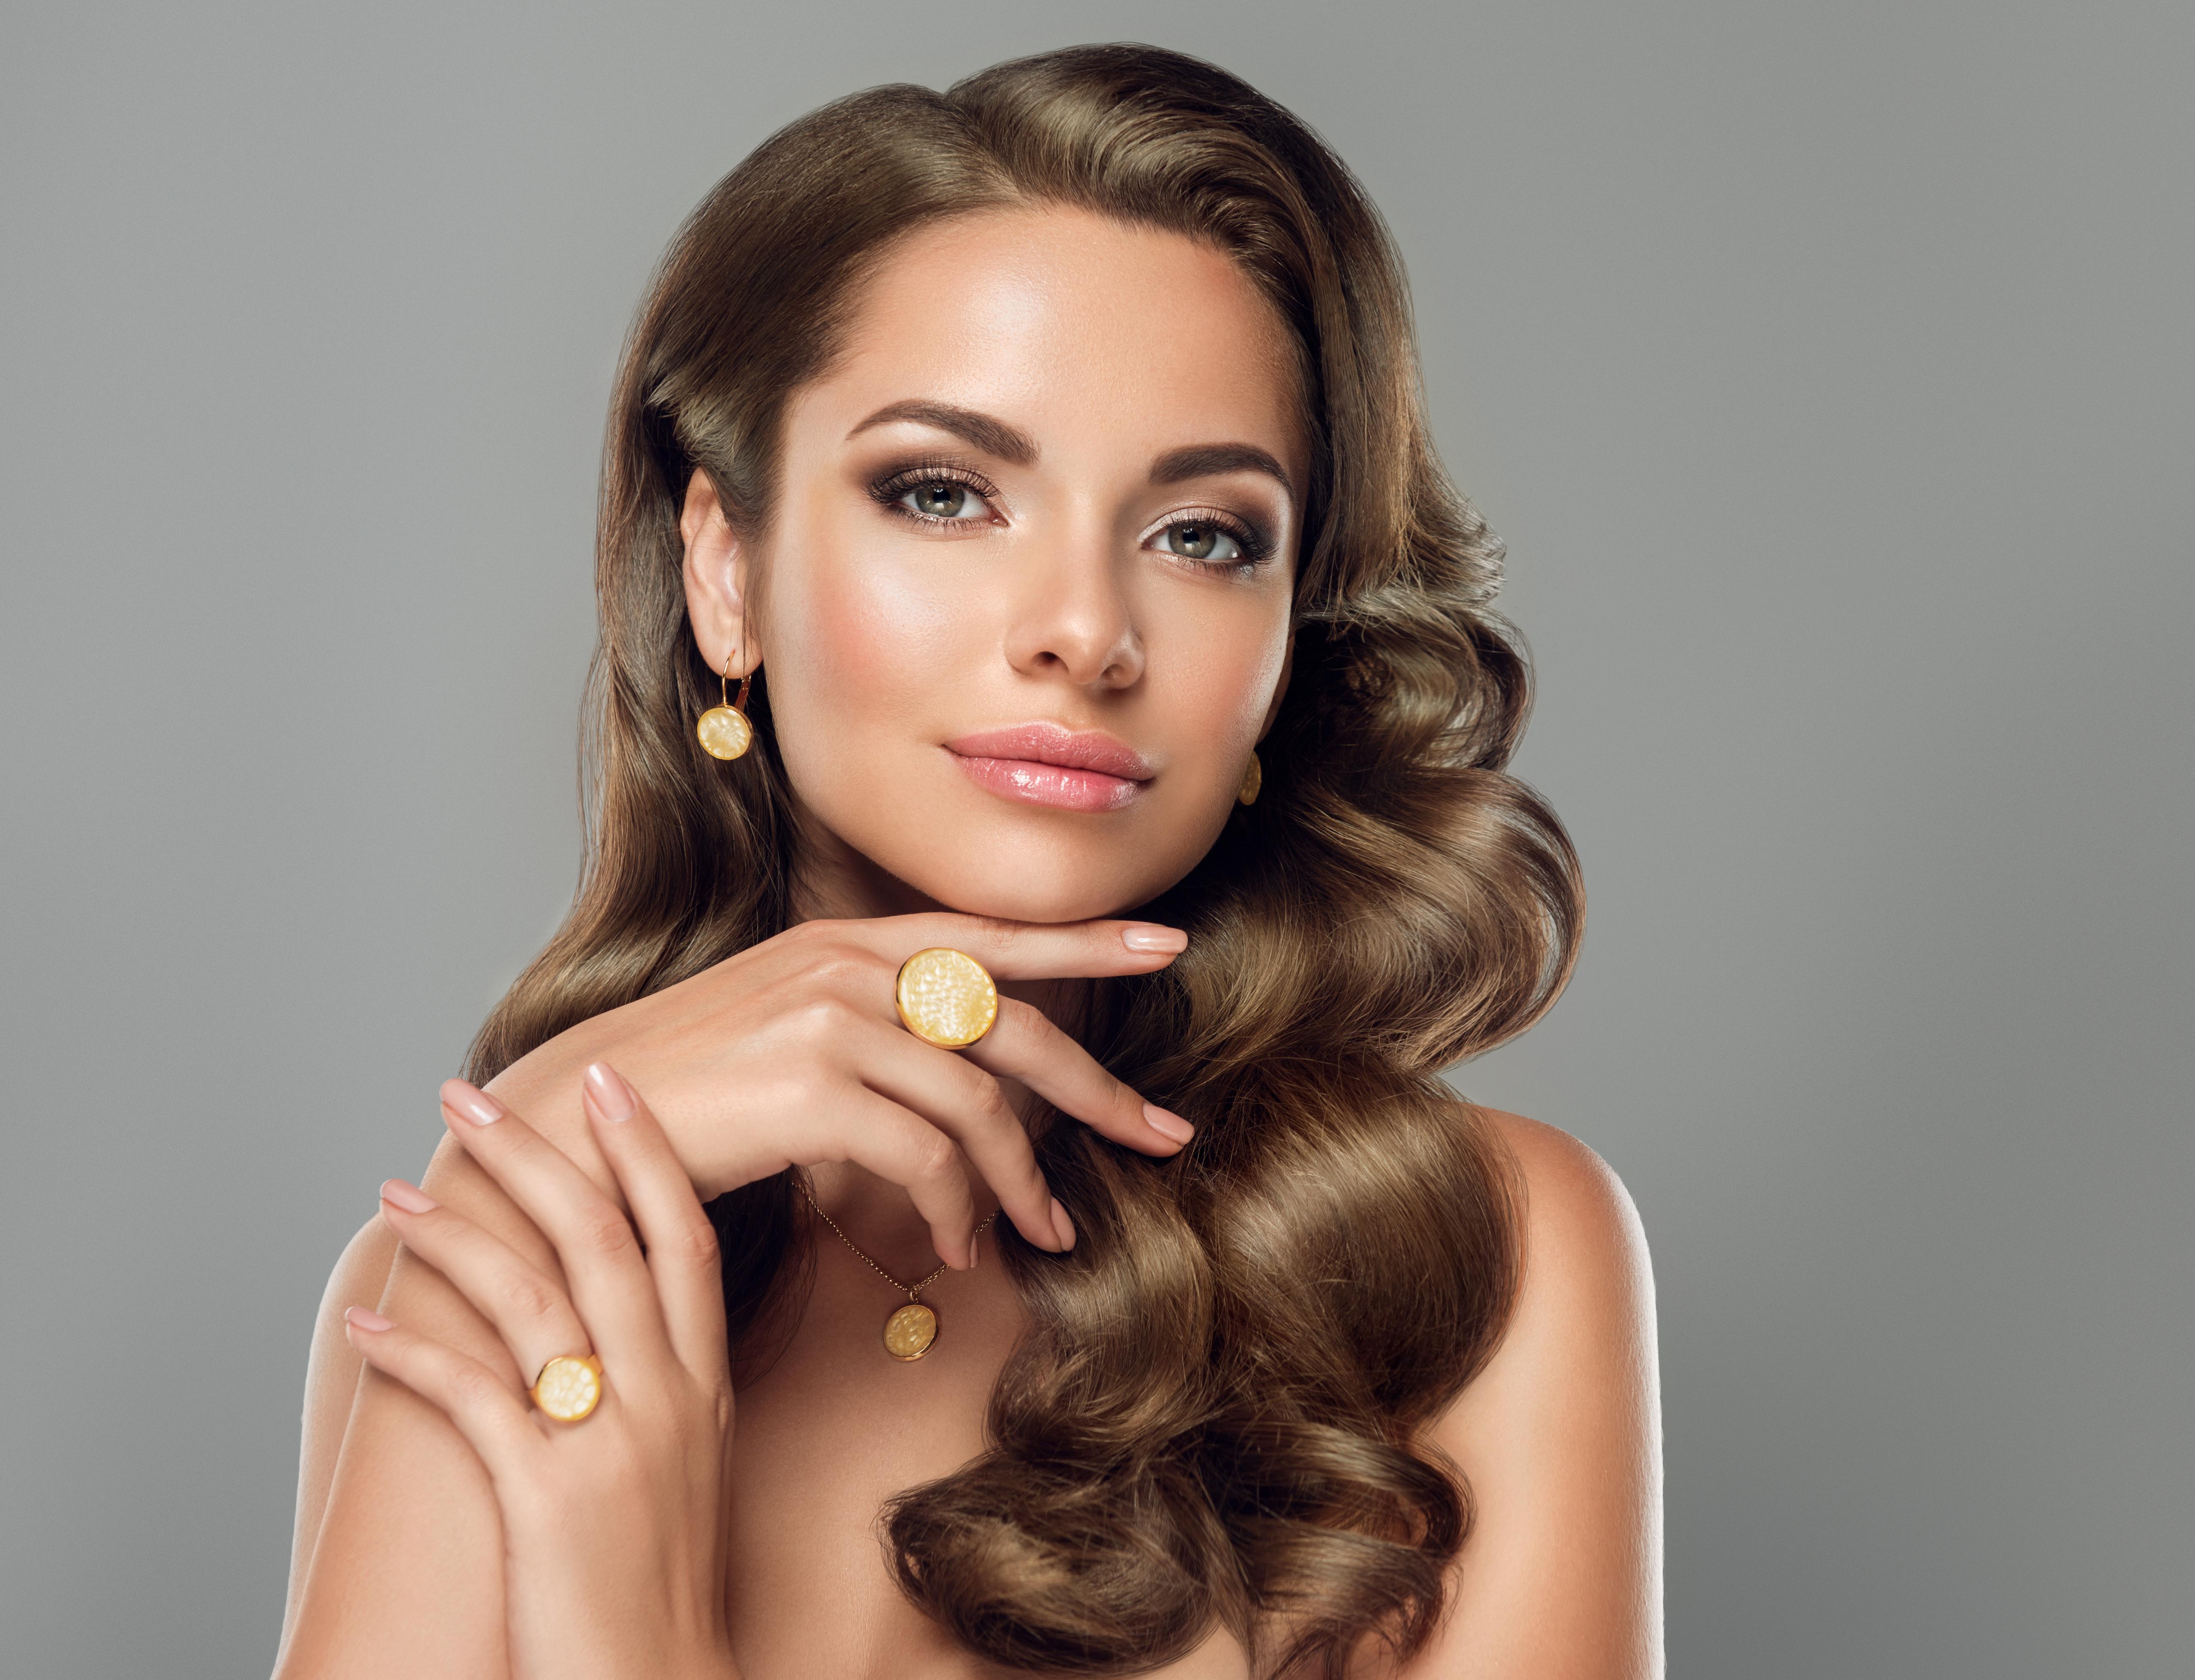 Прическа и макияж_ Анна Петрова